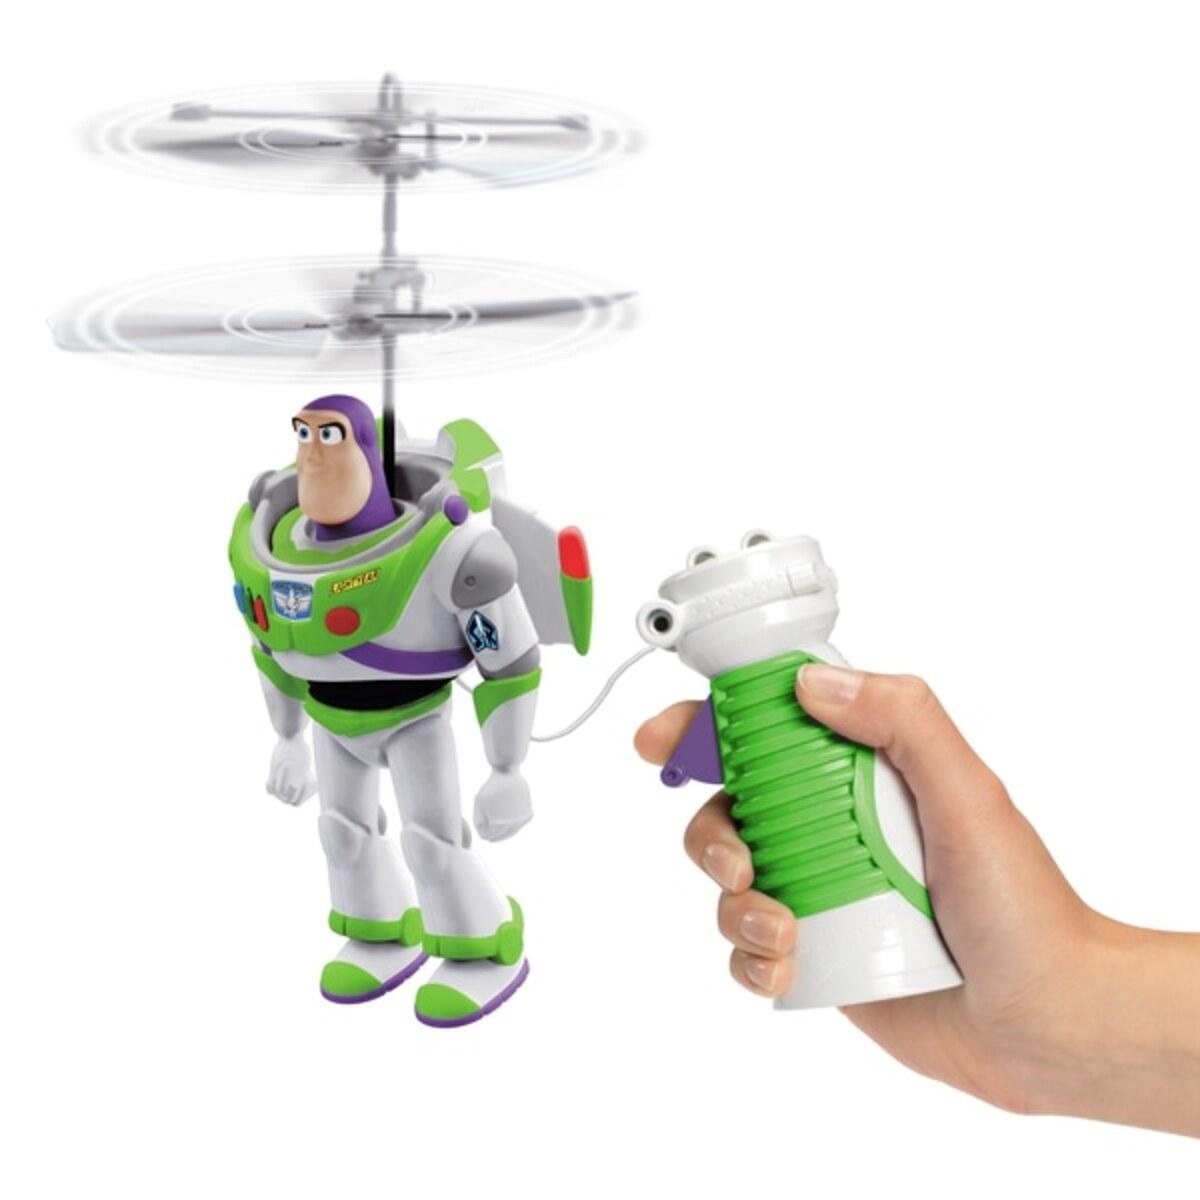 Bild 1 von Toy Story 4 - RC Fliegender Buzz